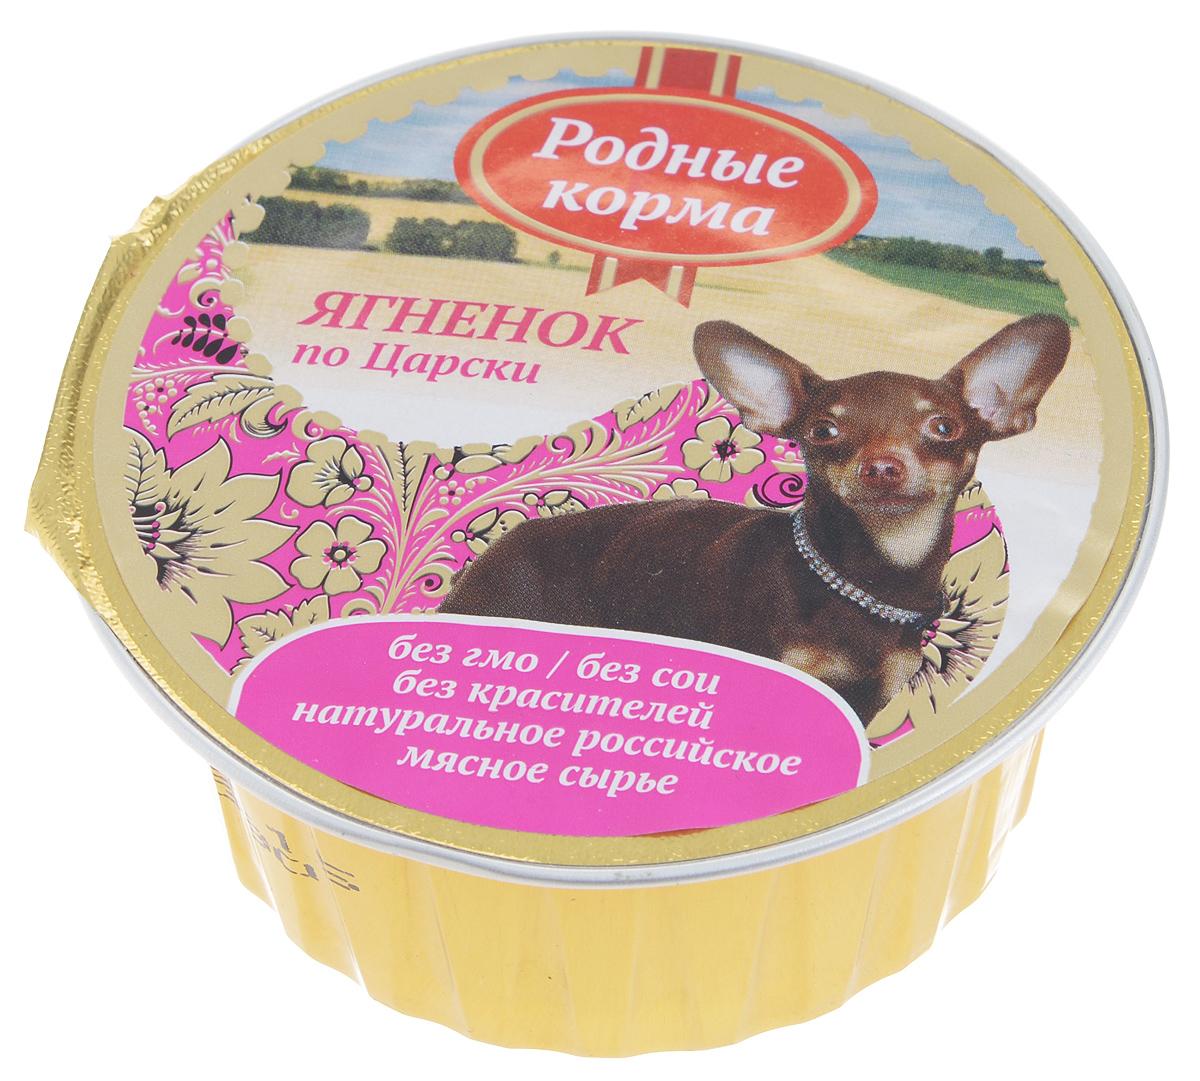 Консервы для собак Родные корма Ягненок по-царски, 125 г корм родные корма индейка по строгановски 125г для собак 60237